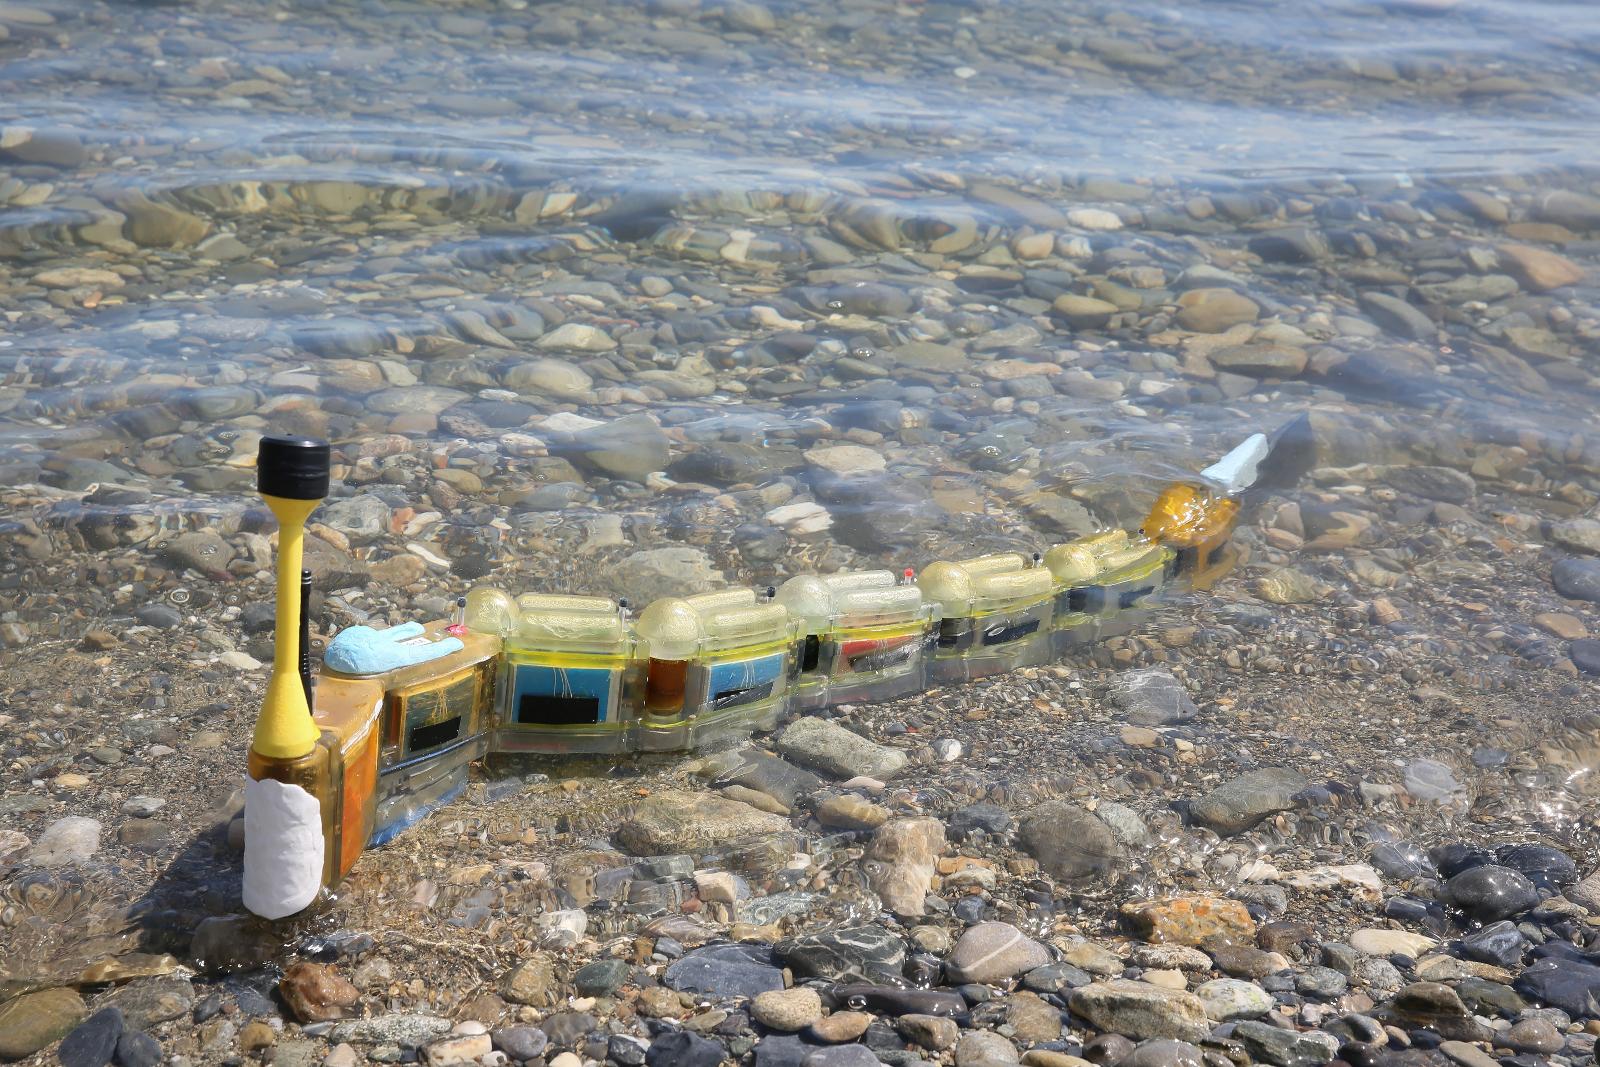 Un tipar robotic modular va fi folosit pentru a masura poluarea din apa